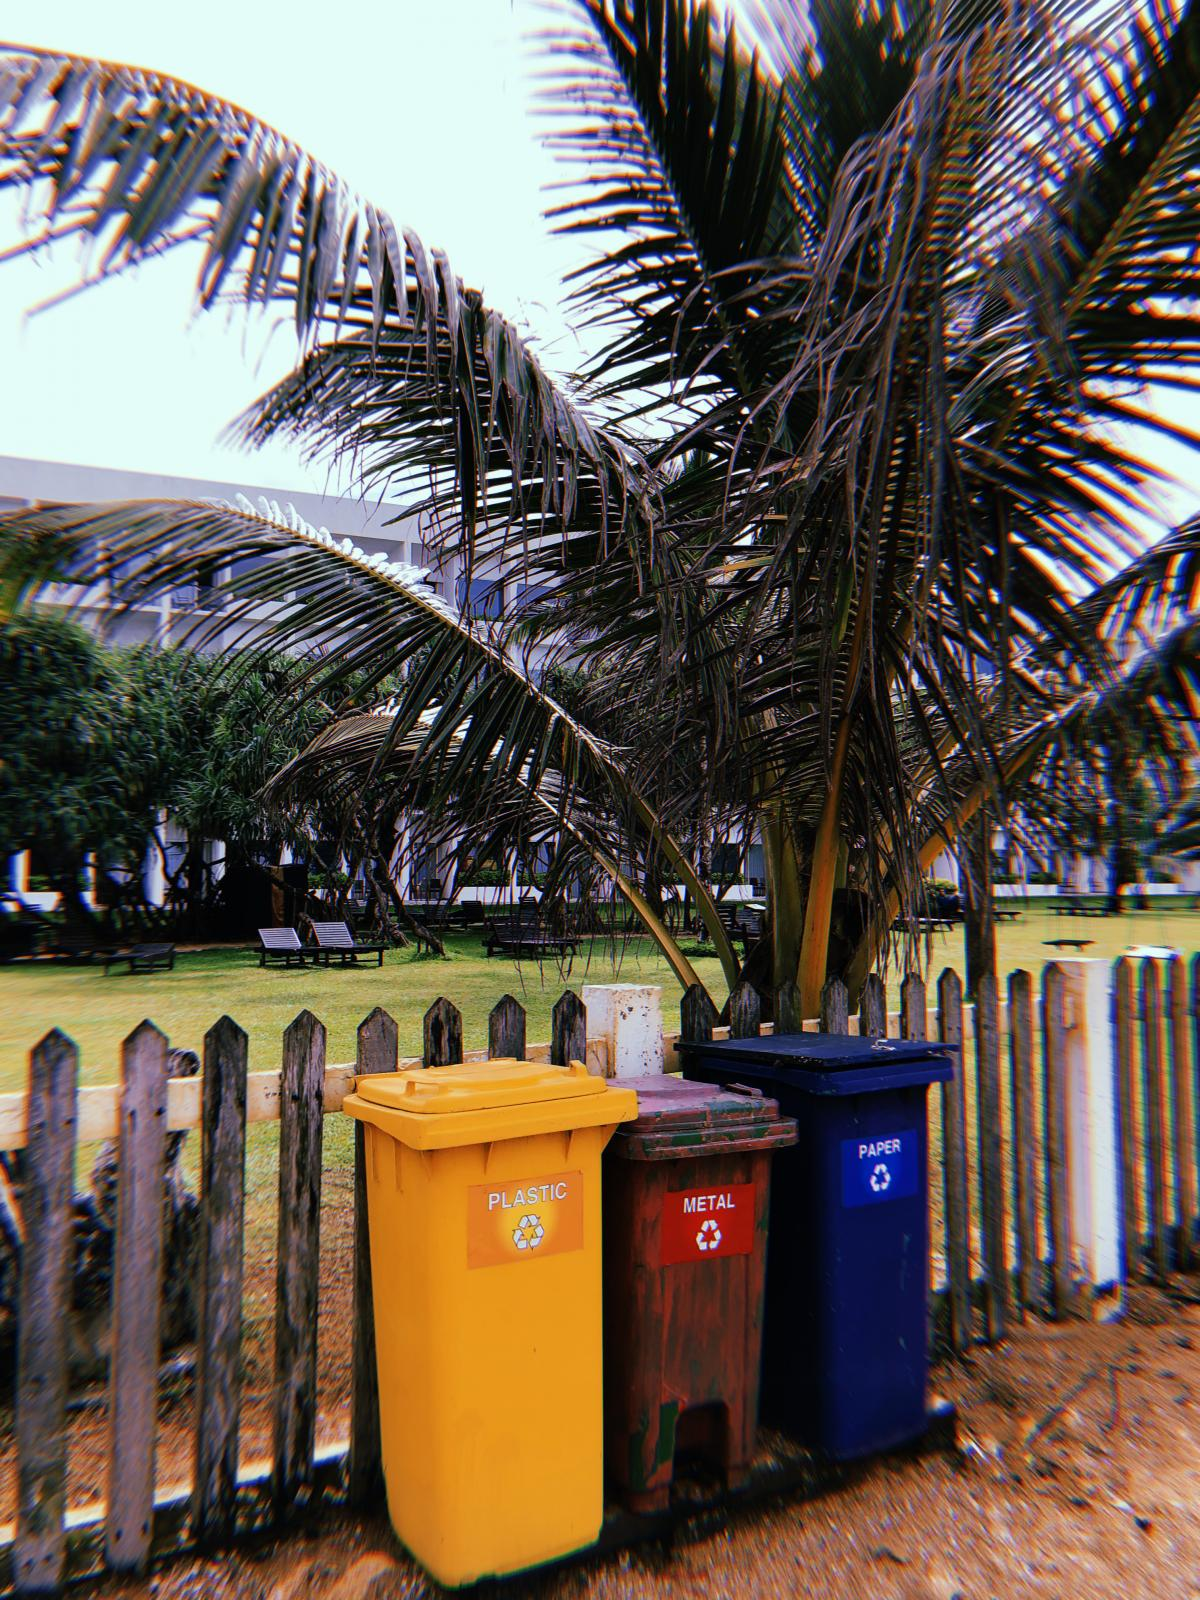 На территориях возле отелей мусор тщательно собирают и даже сортируют / Фото Вероника Кордон